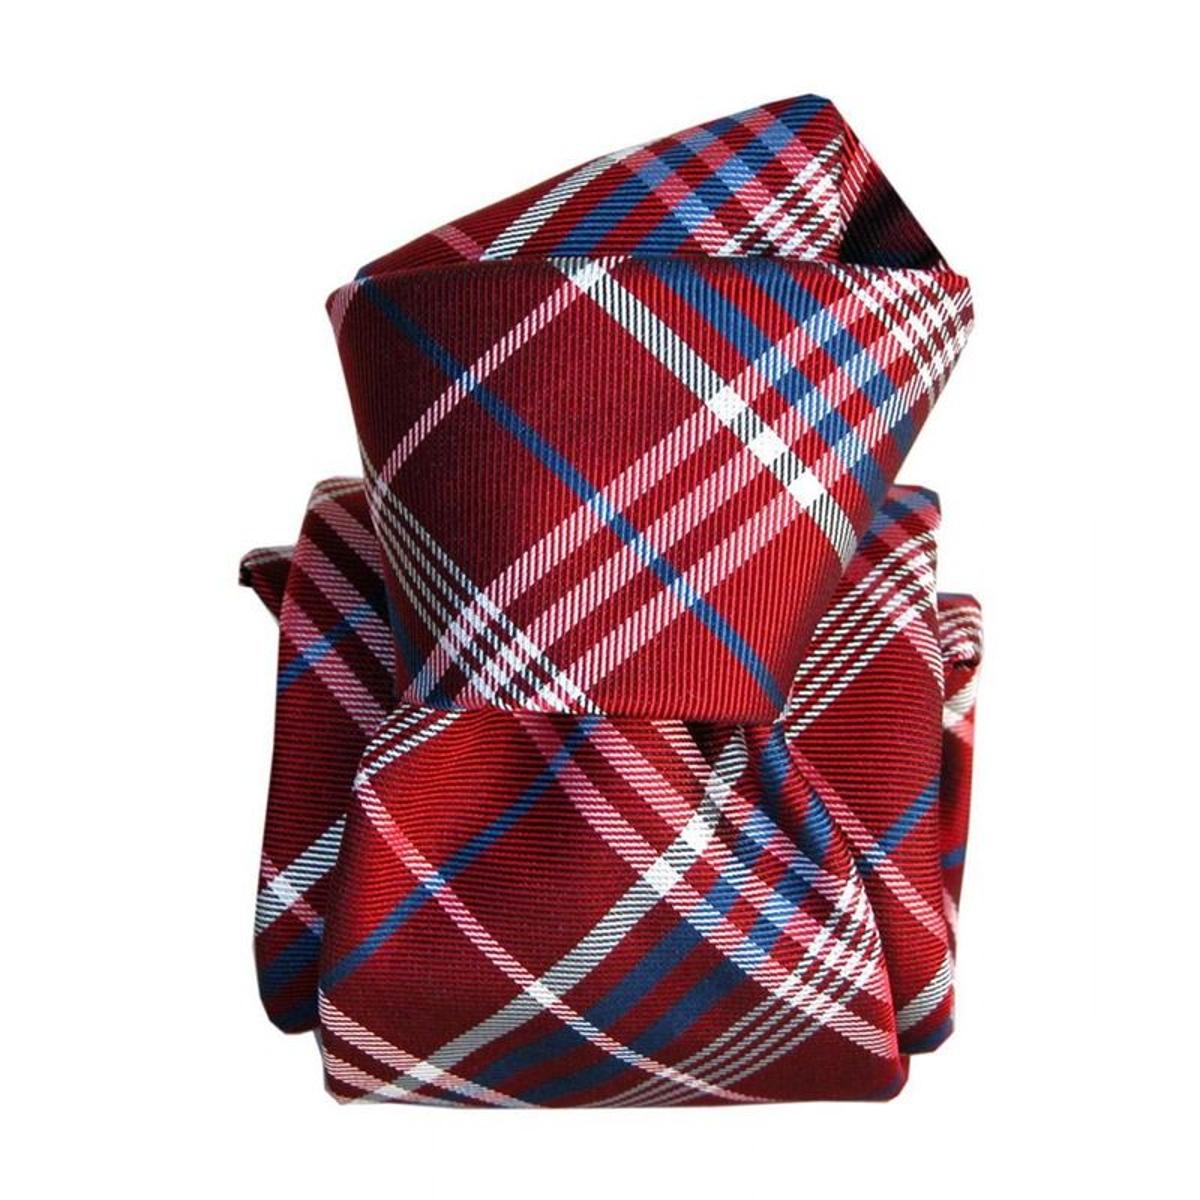 Cravate luxe Livigno. Soie carreaux